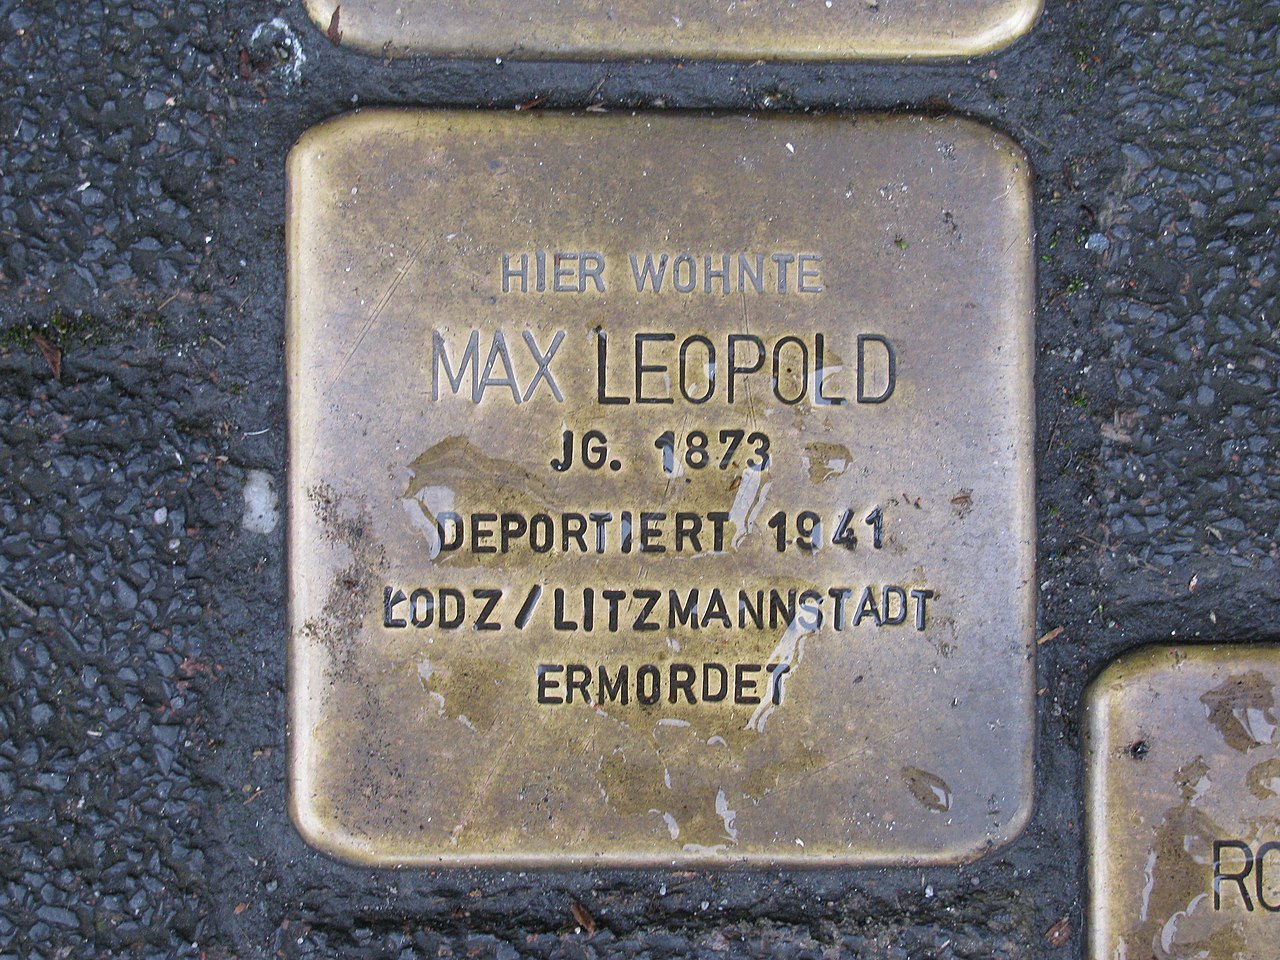 Stolperstein Max Leopold, 1, Schiede 28, Limburg an der Lahn, Landkreis Limburg-Weilburg.jpg